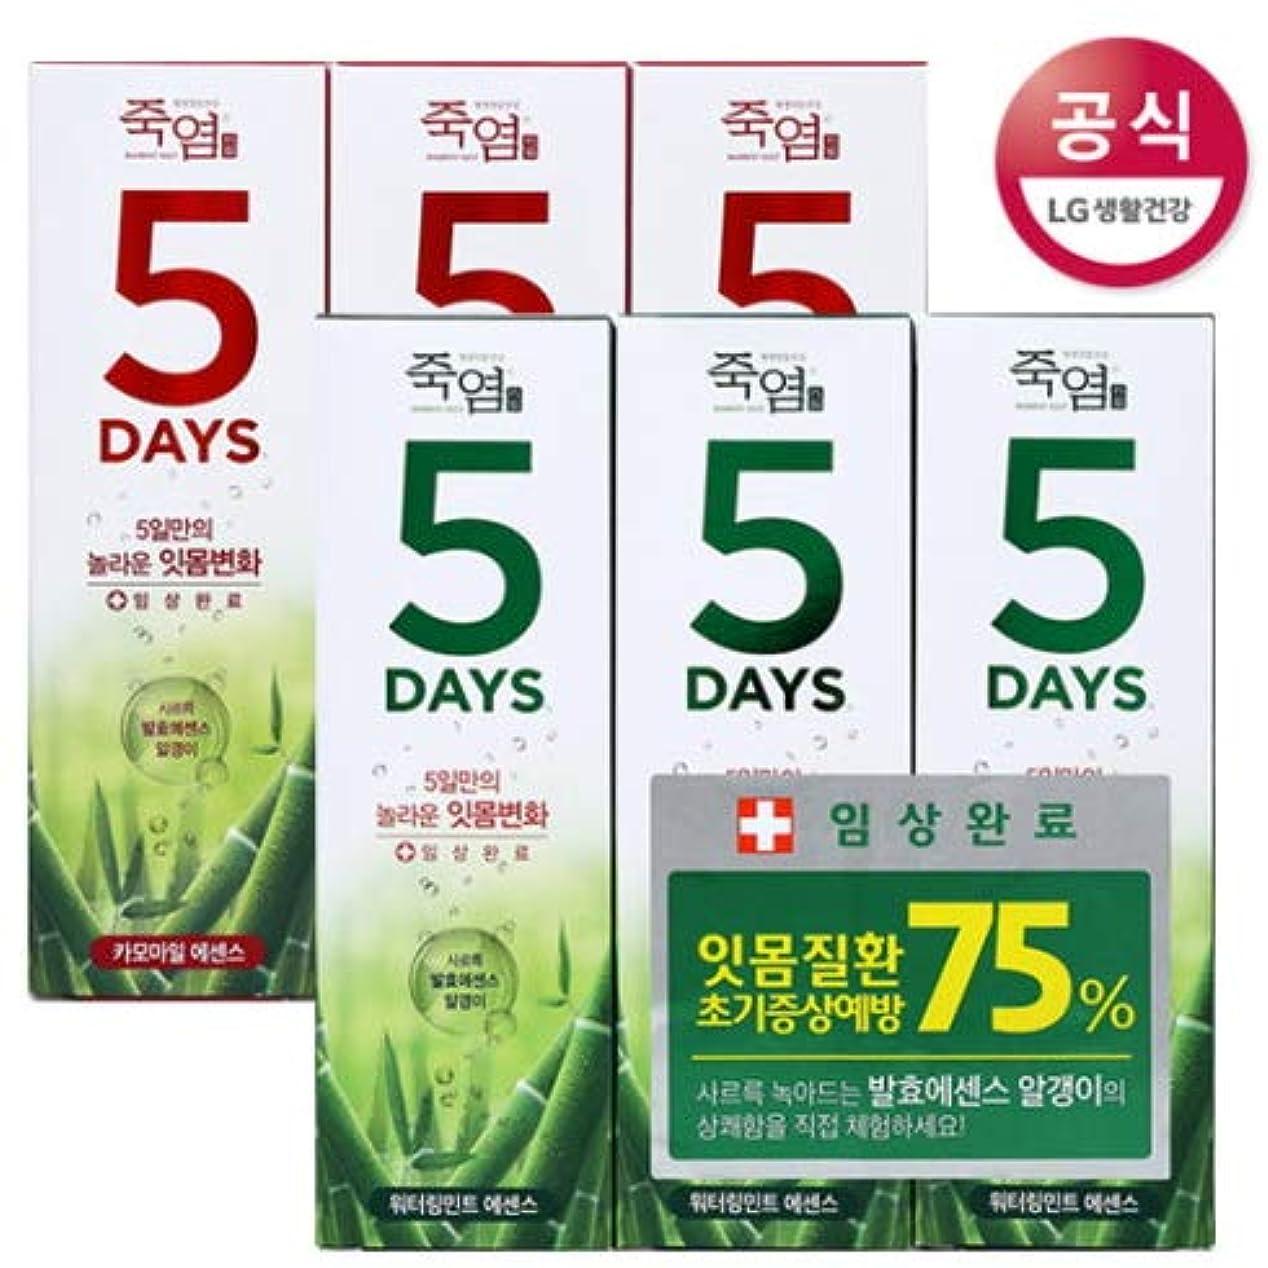 どきどき虫を数える食料品店[LG HnB] Bamboo Salt 5days Toothpaste /竹塩5days歯磨き粉 100gx6個(海外直送品)